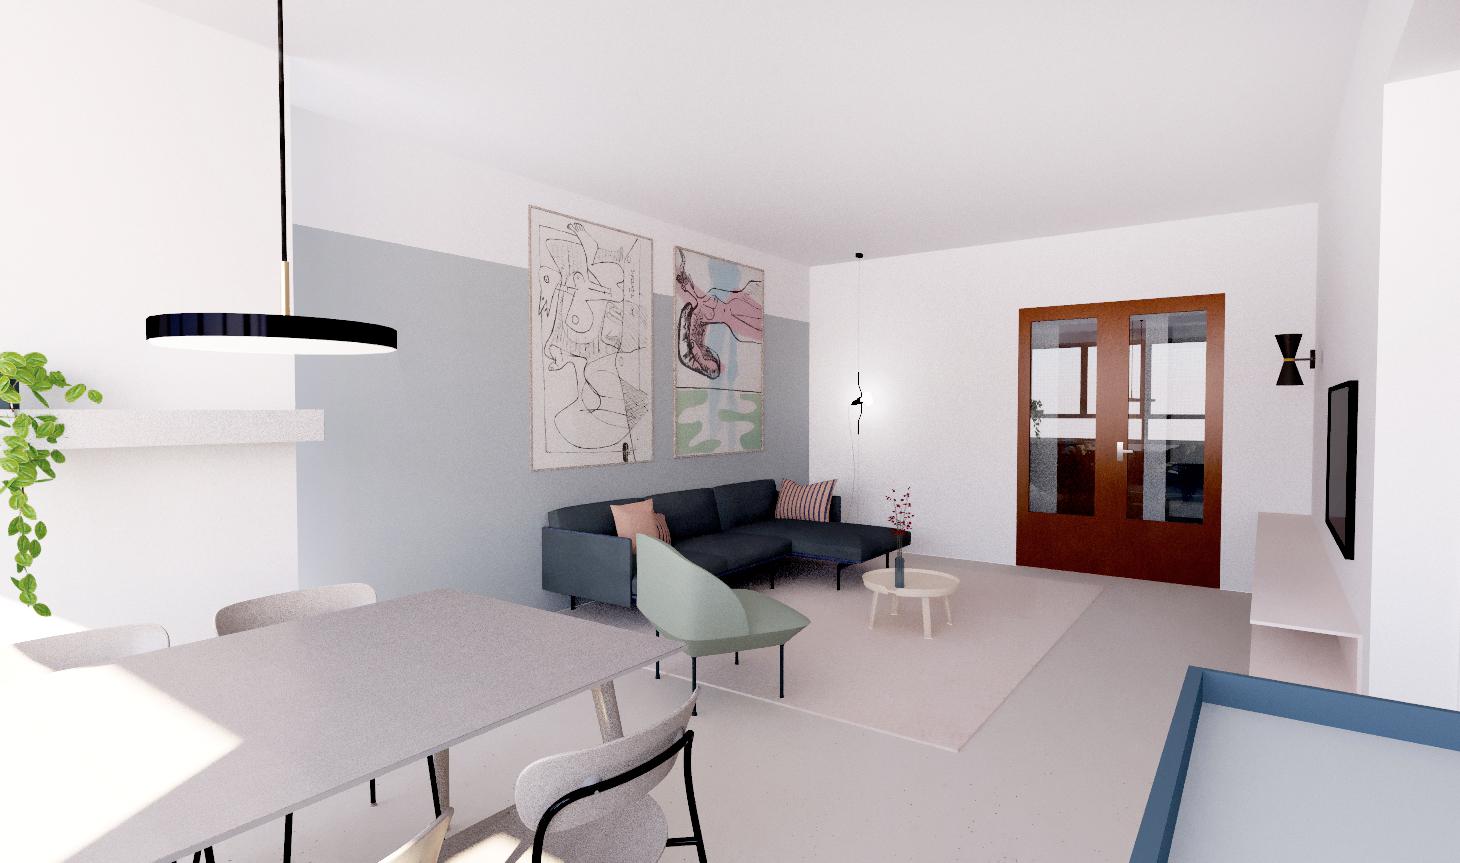 faktordertig - architectuur - interieur - totaalrenovatie - appartement - jaren '60 - Antwerpen - Amerikalei - interieurarchitectuur - kleuren - hout - licht - ruimtelijkheid - 3D visualisatie - kwaliteit